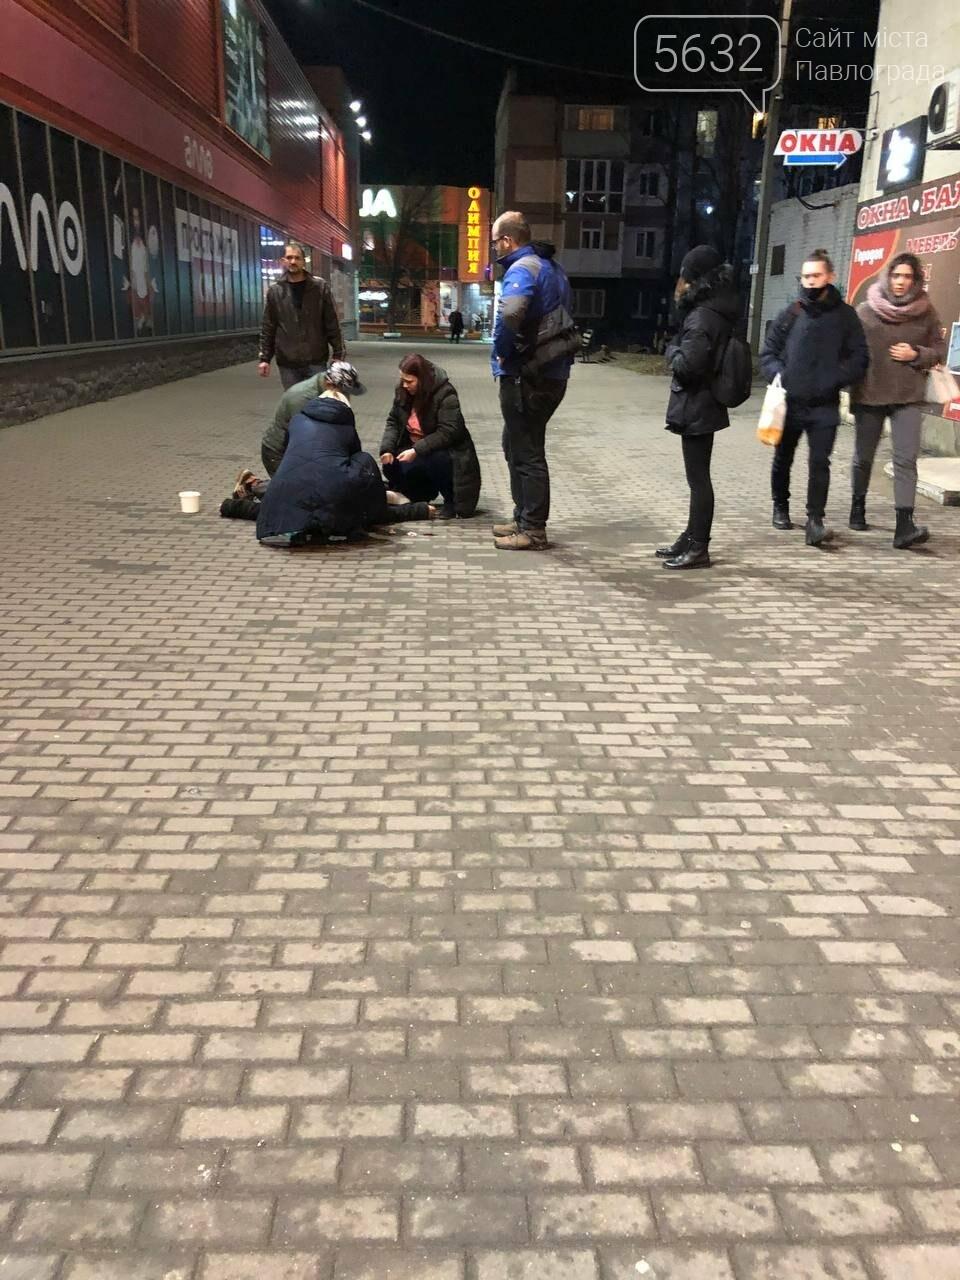 В Павлограде спасали мужчину, упавшего на улице (ФОТО, ВИДЕО), фото-1